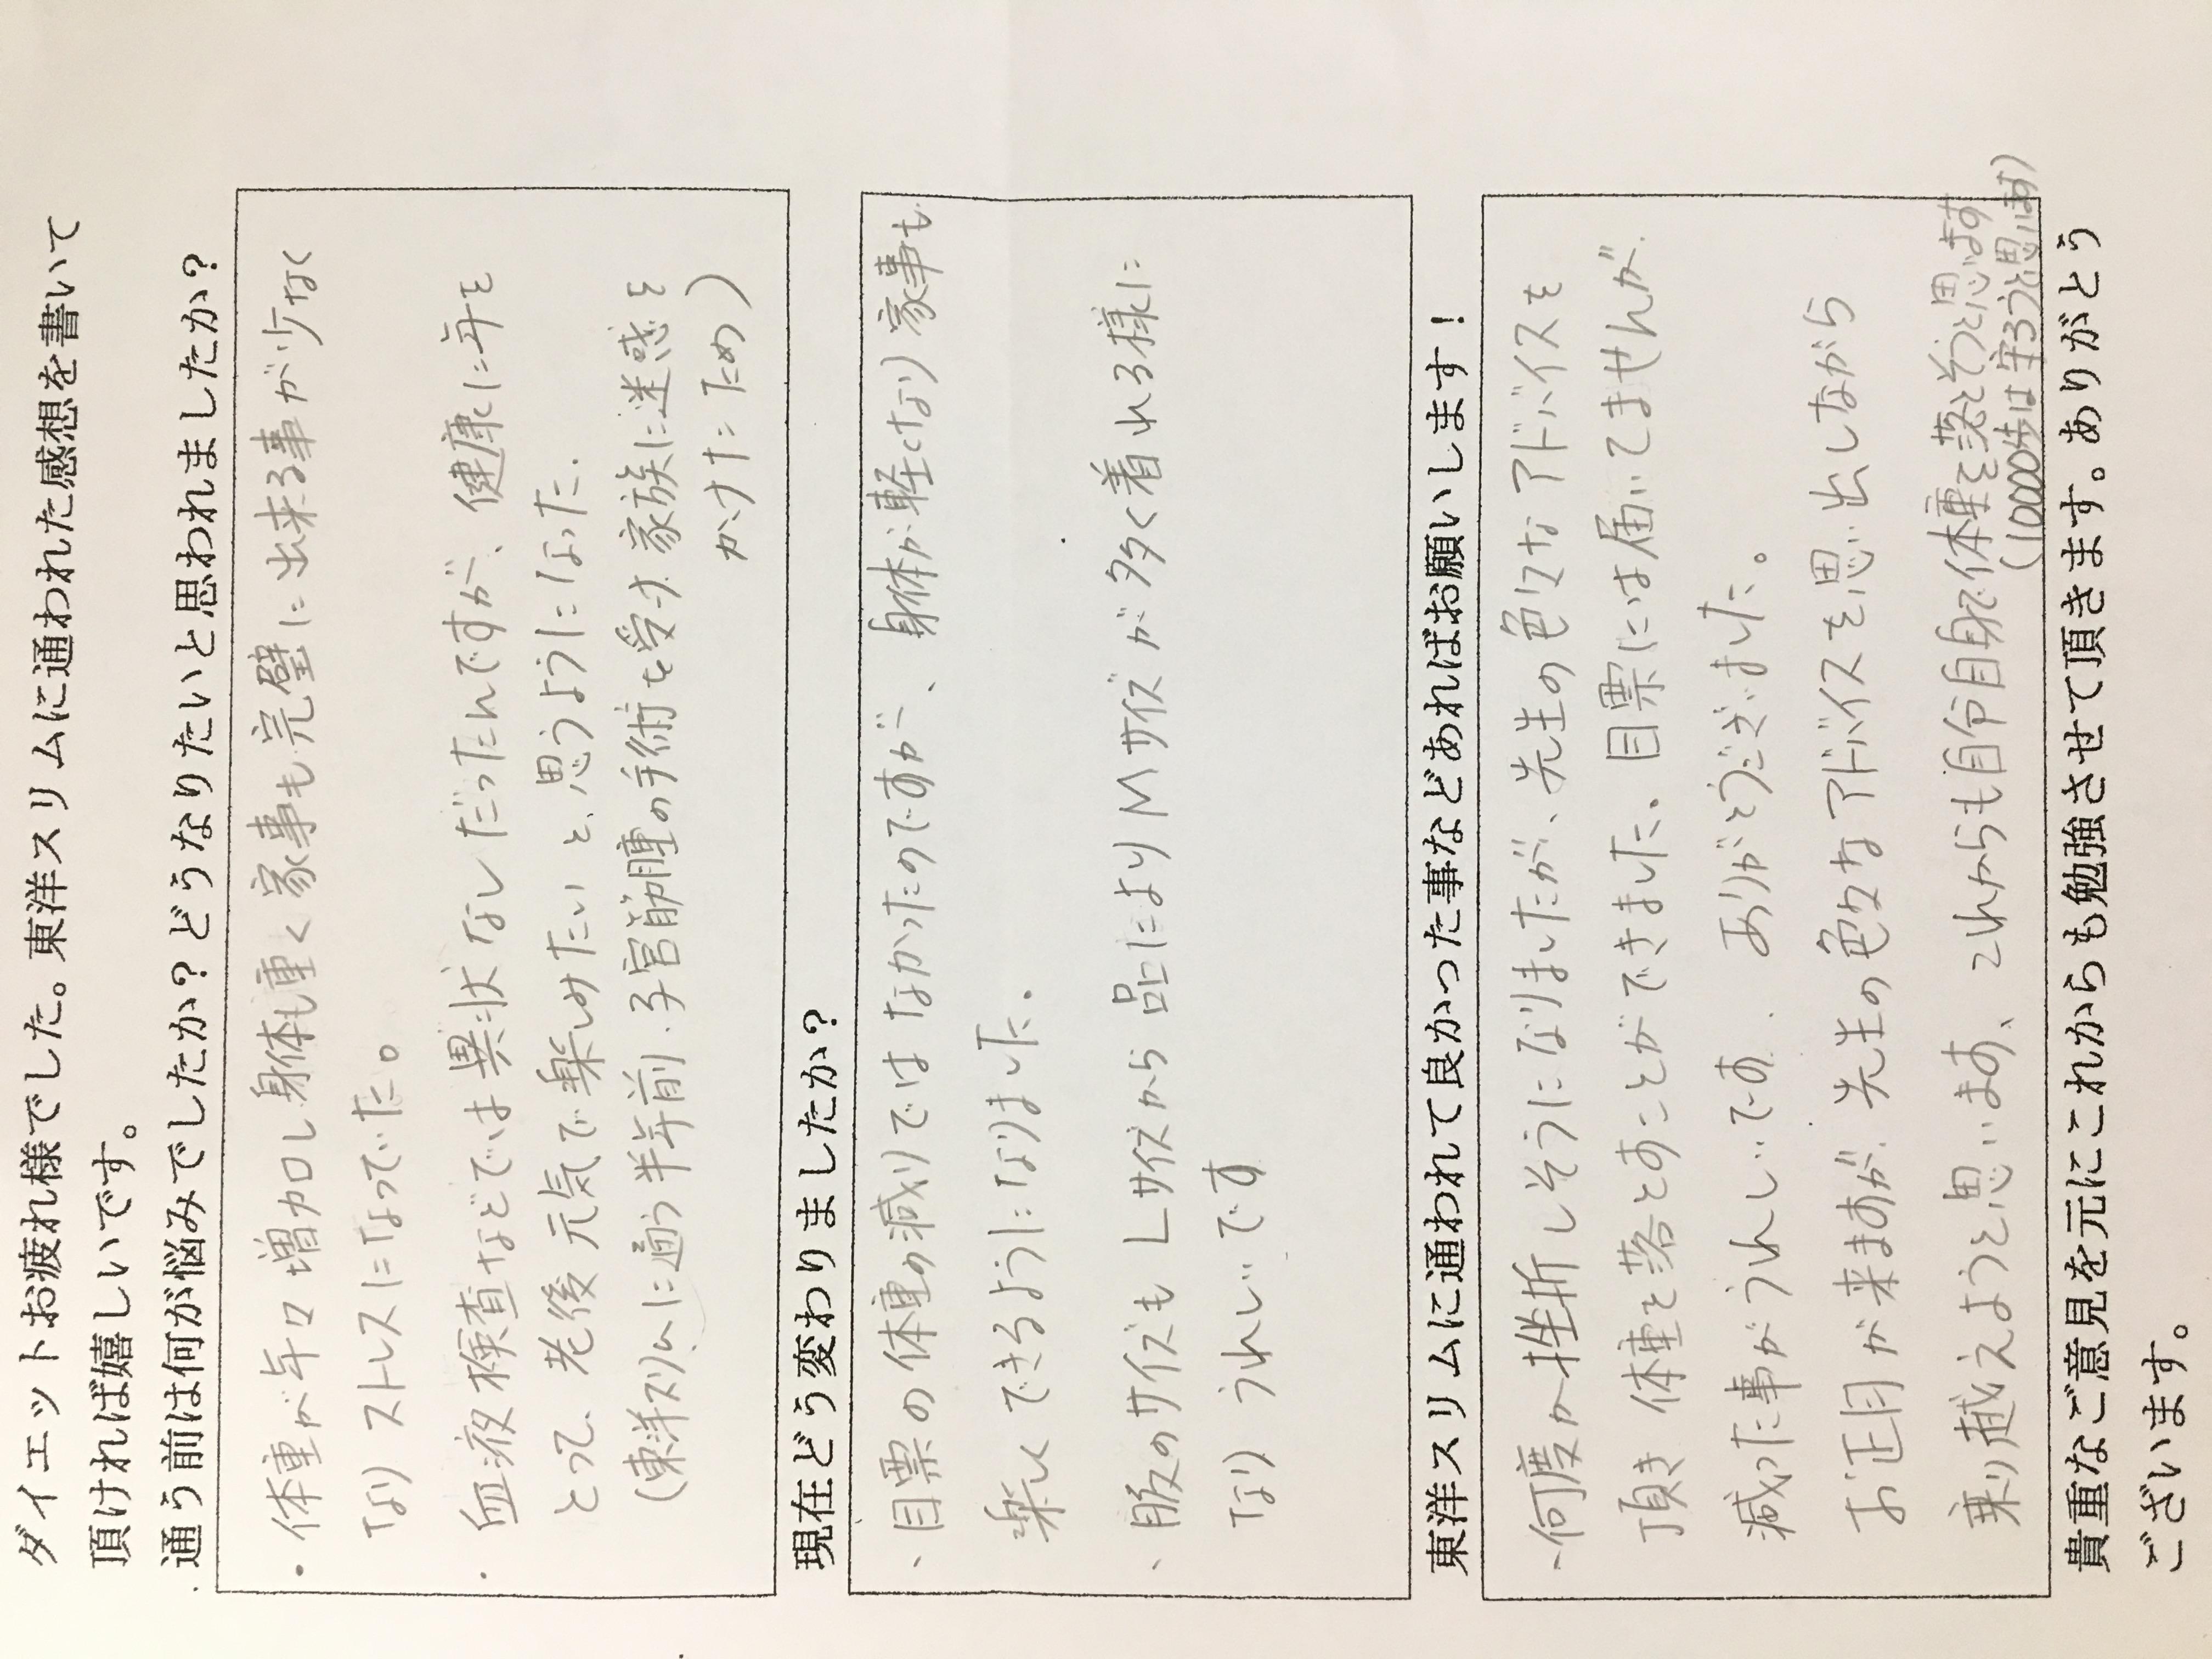 [皆様の声]大阪府羽曳野市Hさん(40代女性)耳つぼダイエット7.5kg成功 服のサイズがLサイズからMサイズに。家事も楽しくできるようになった